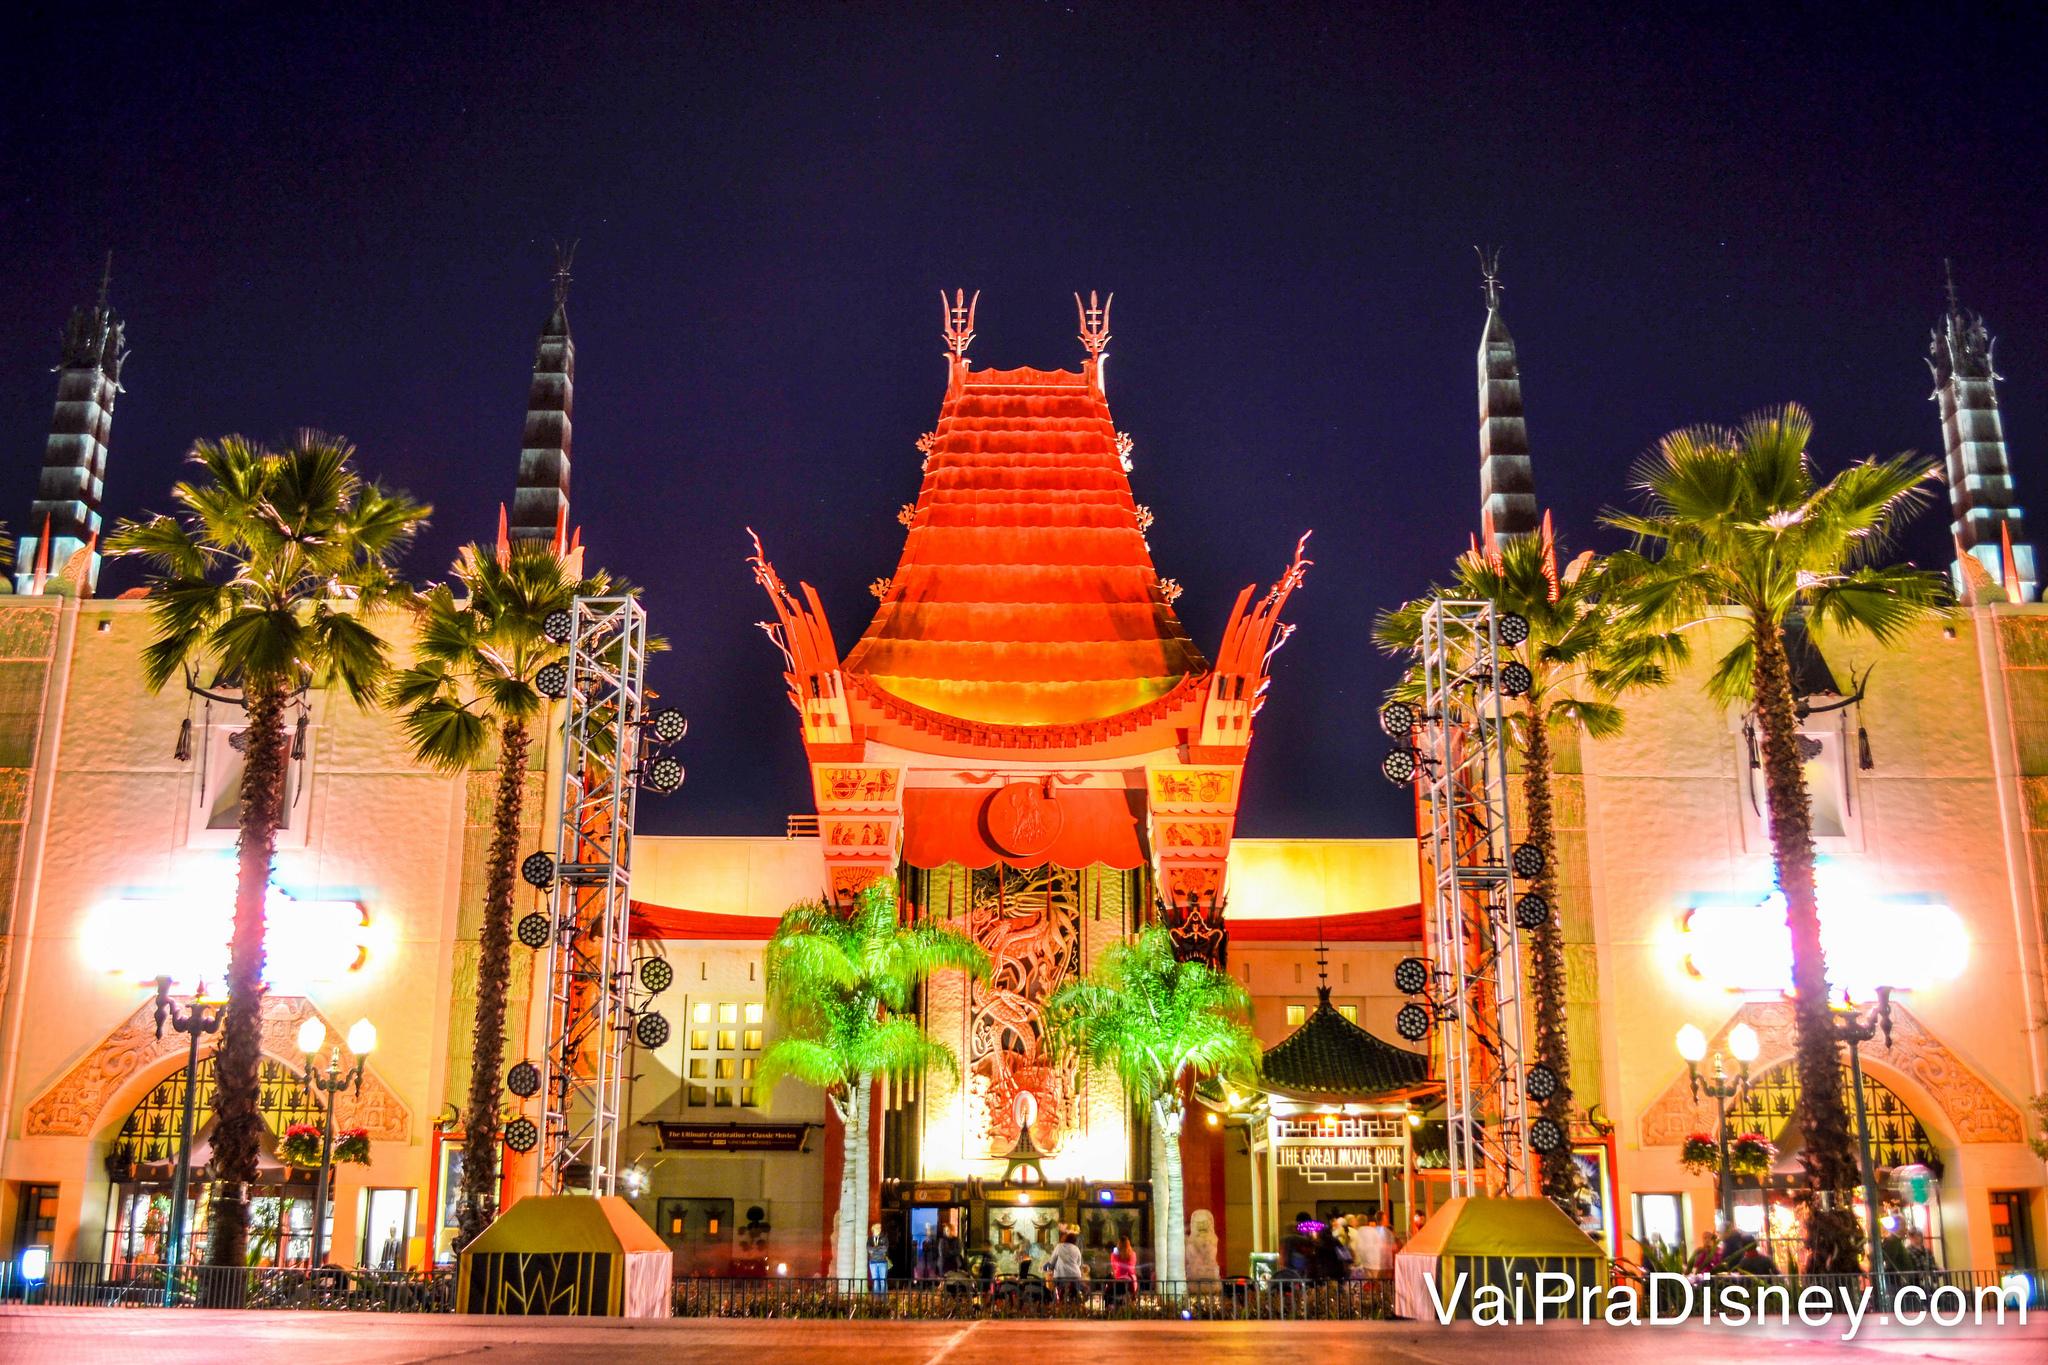 Teatro chinês do Hollywood Studios, onde acontece o show de fogos de Star Wars e o show de projeções Disney Movie Magic.